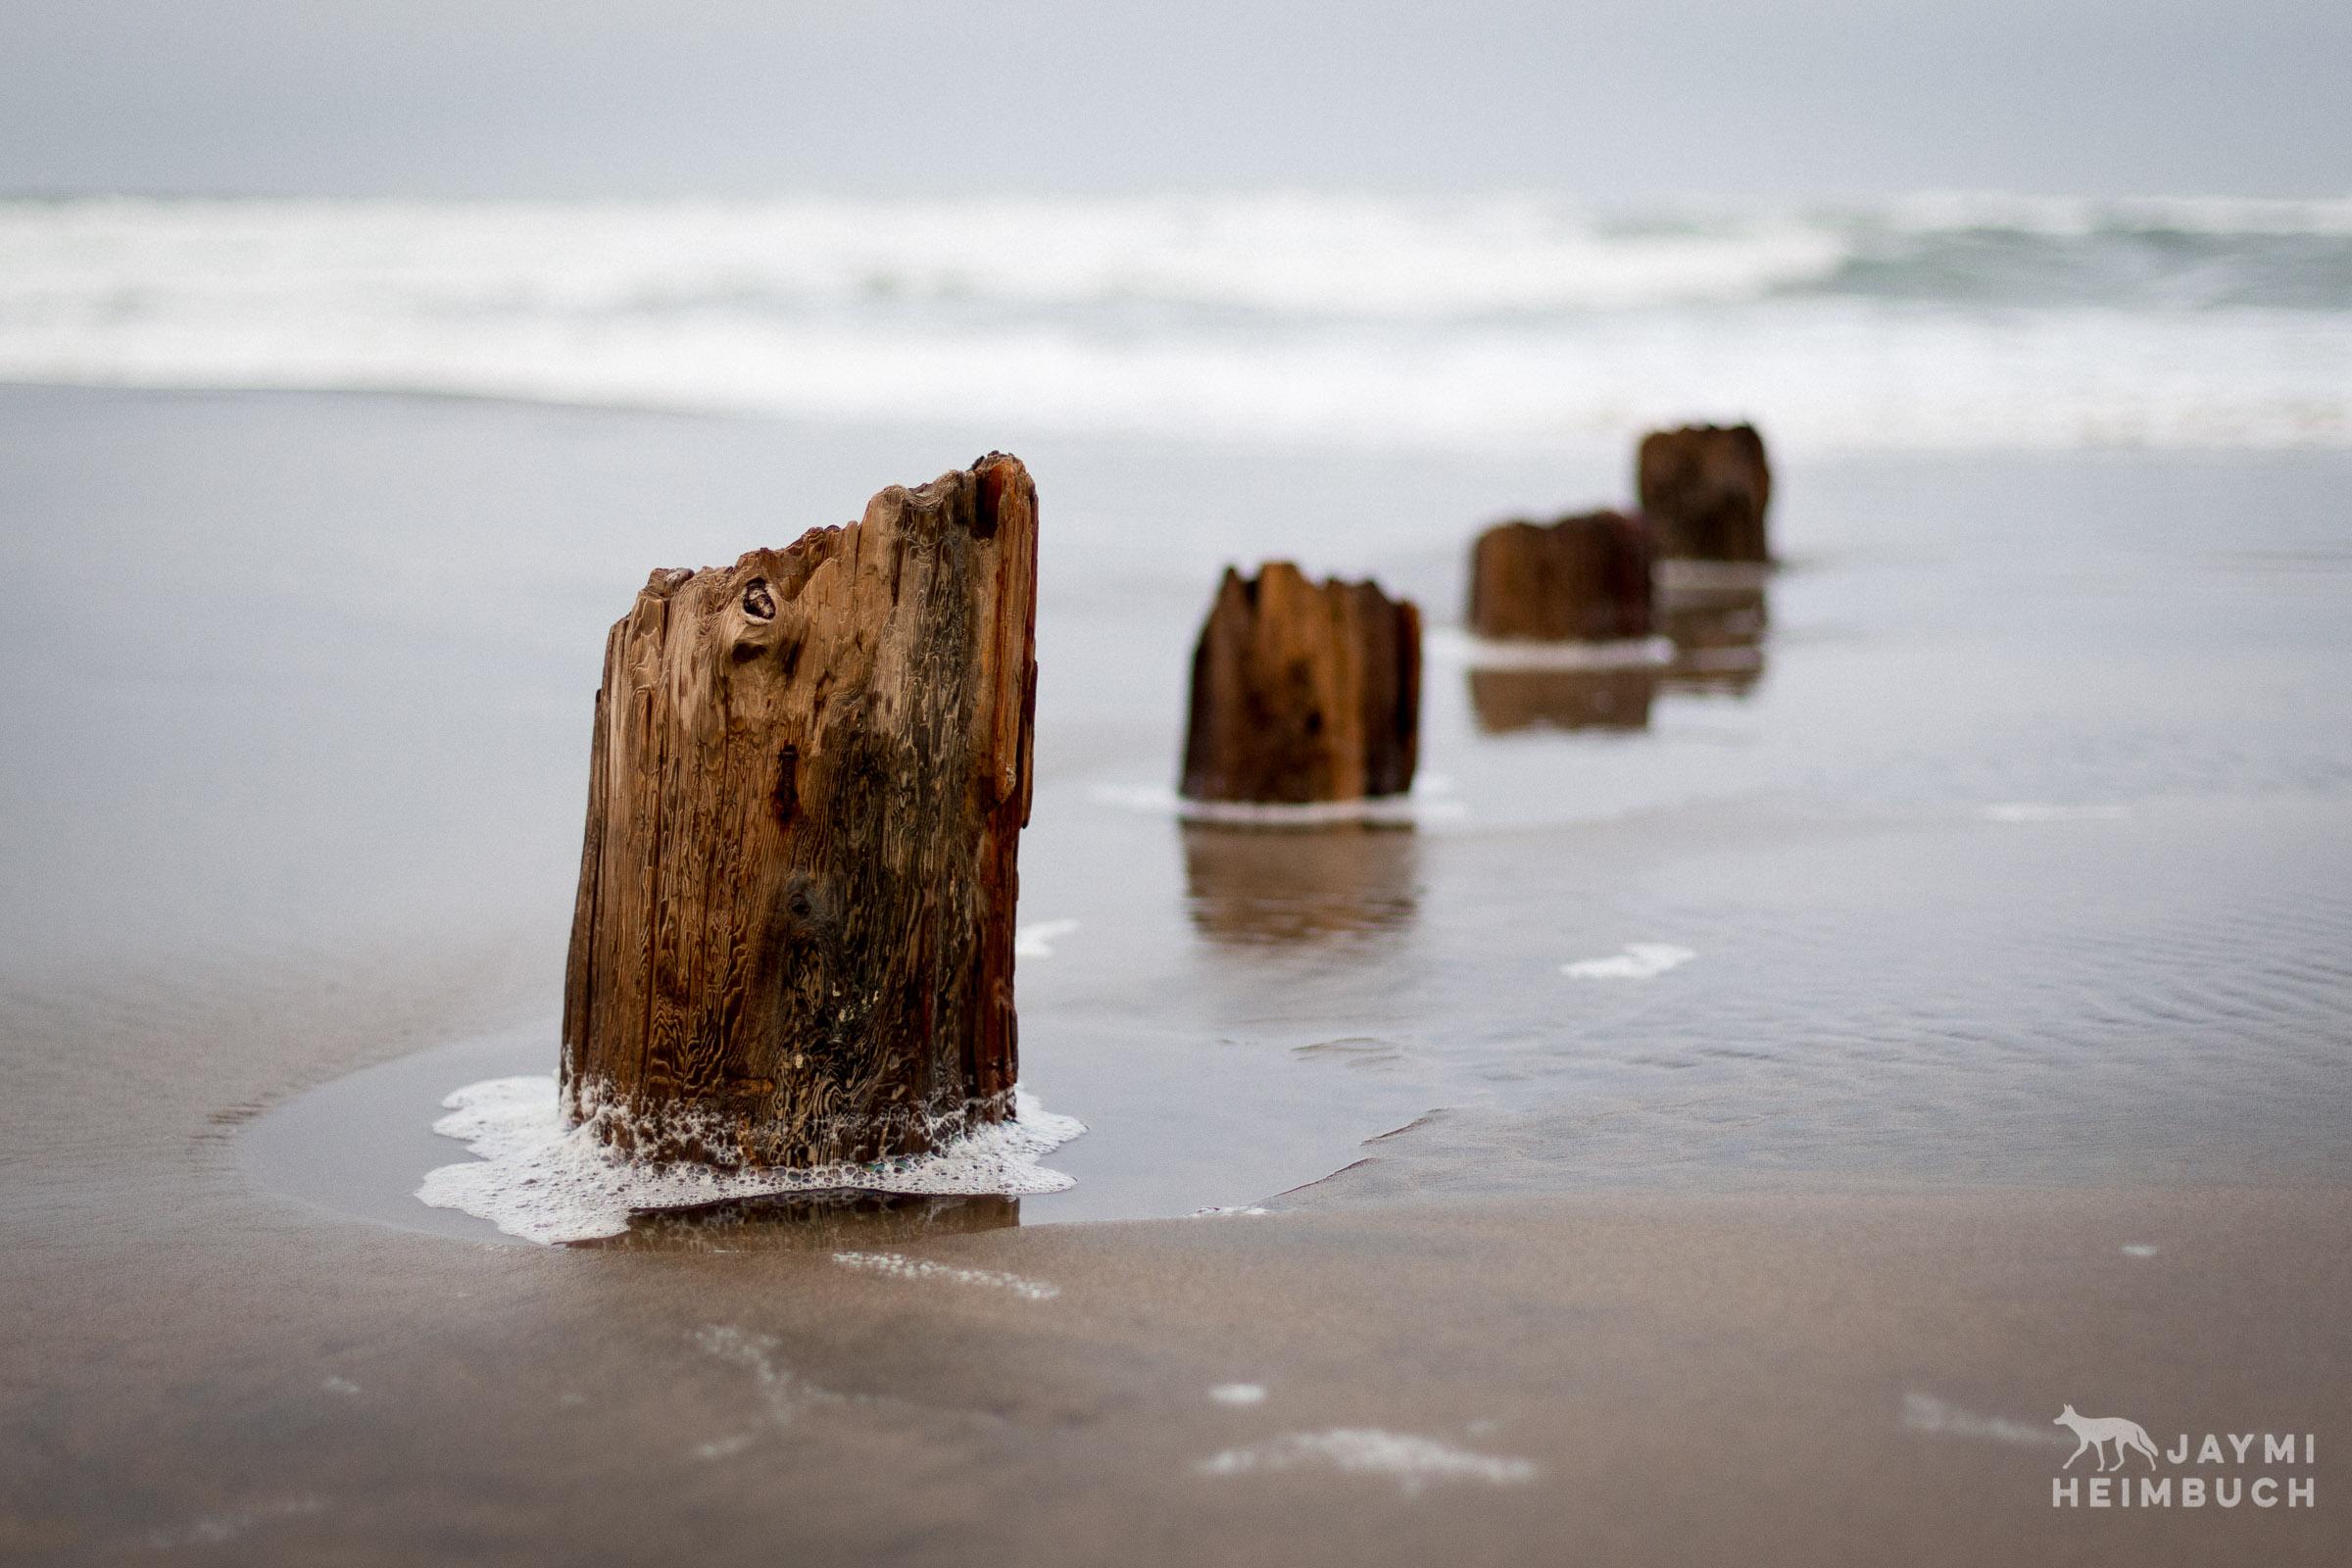 pier pilings in beach sand